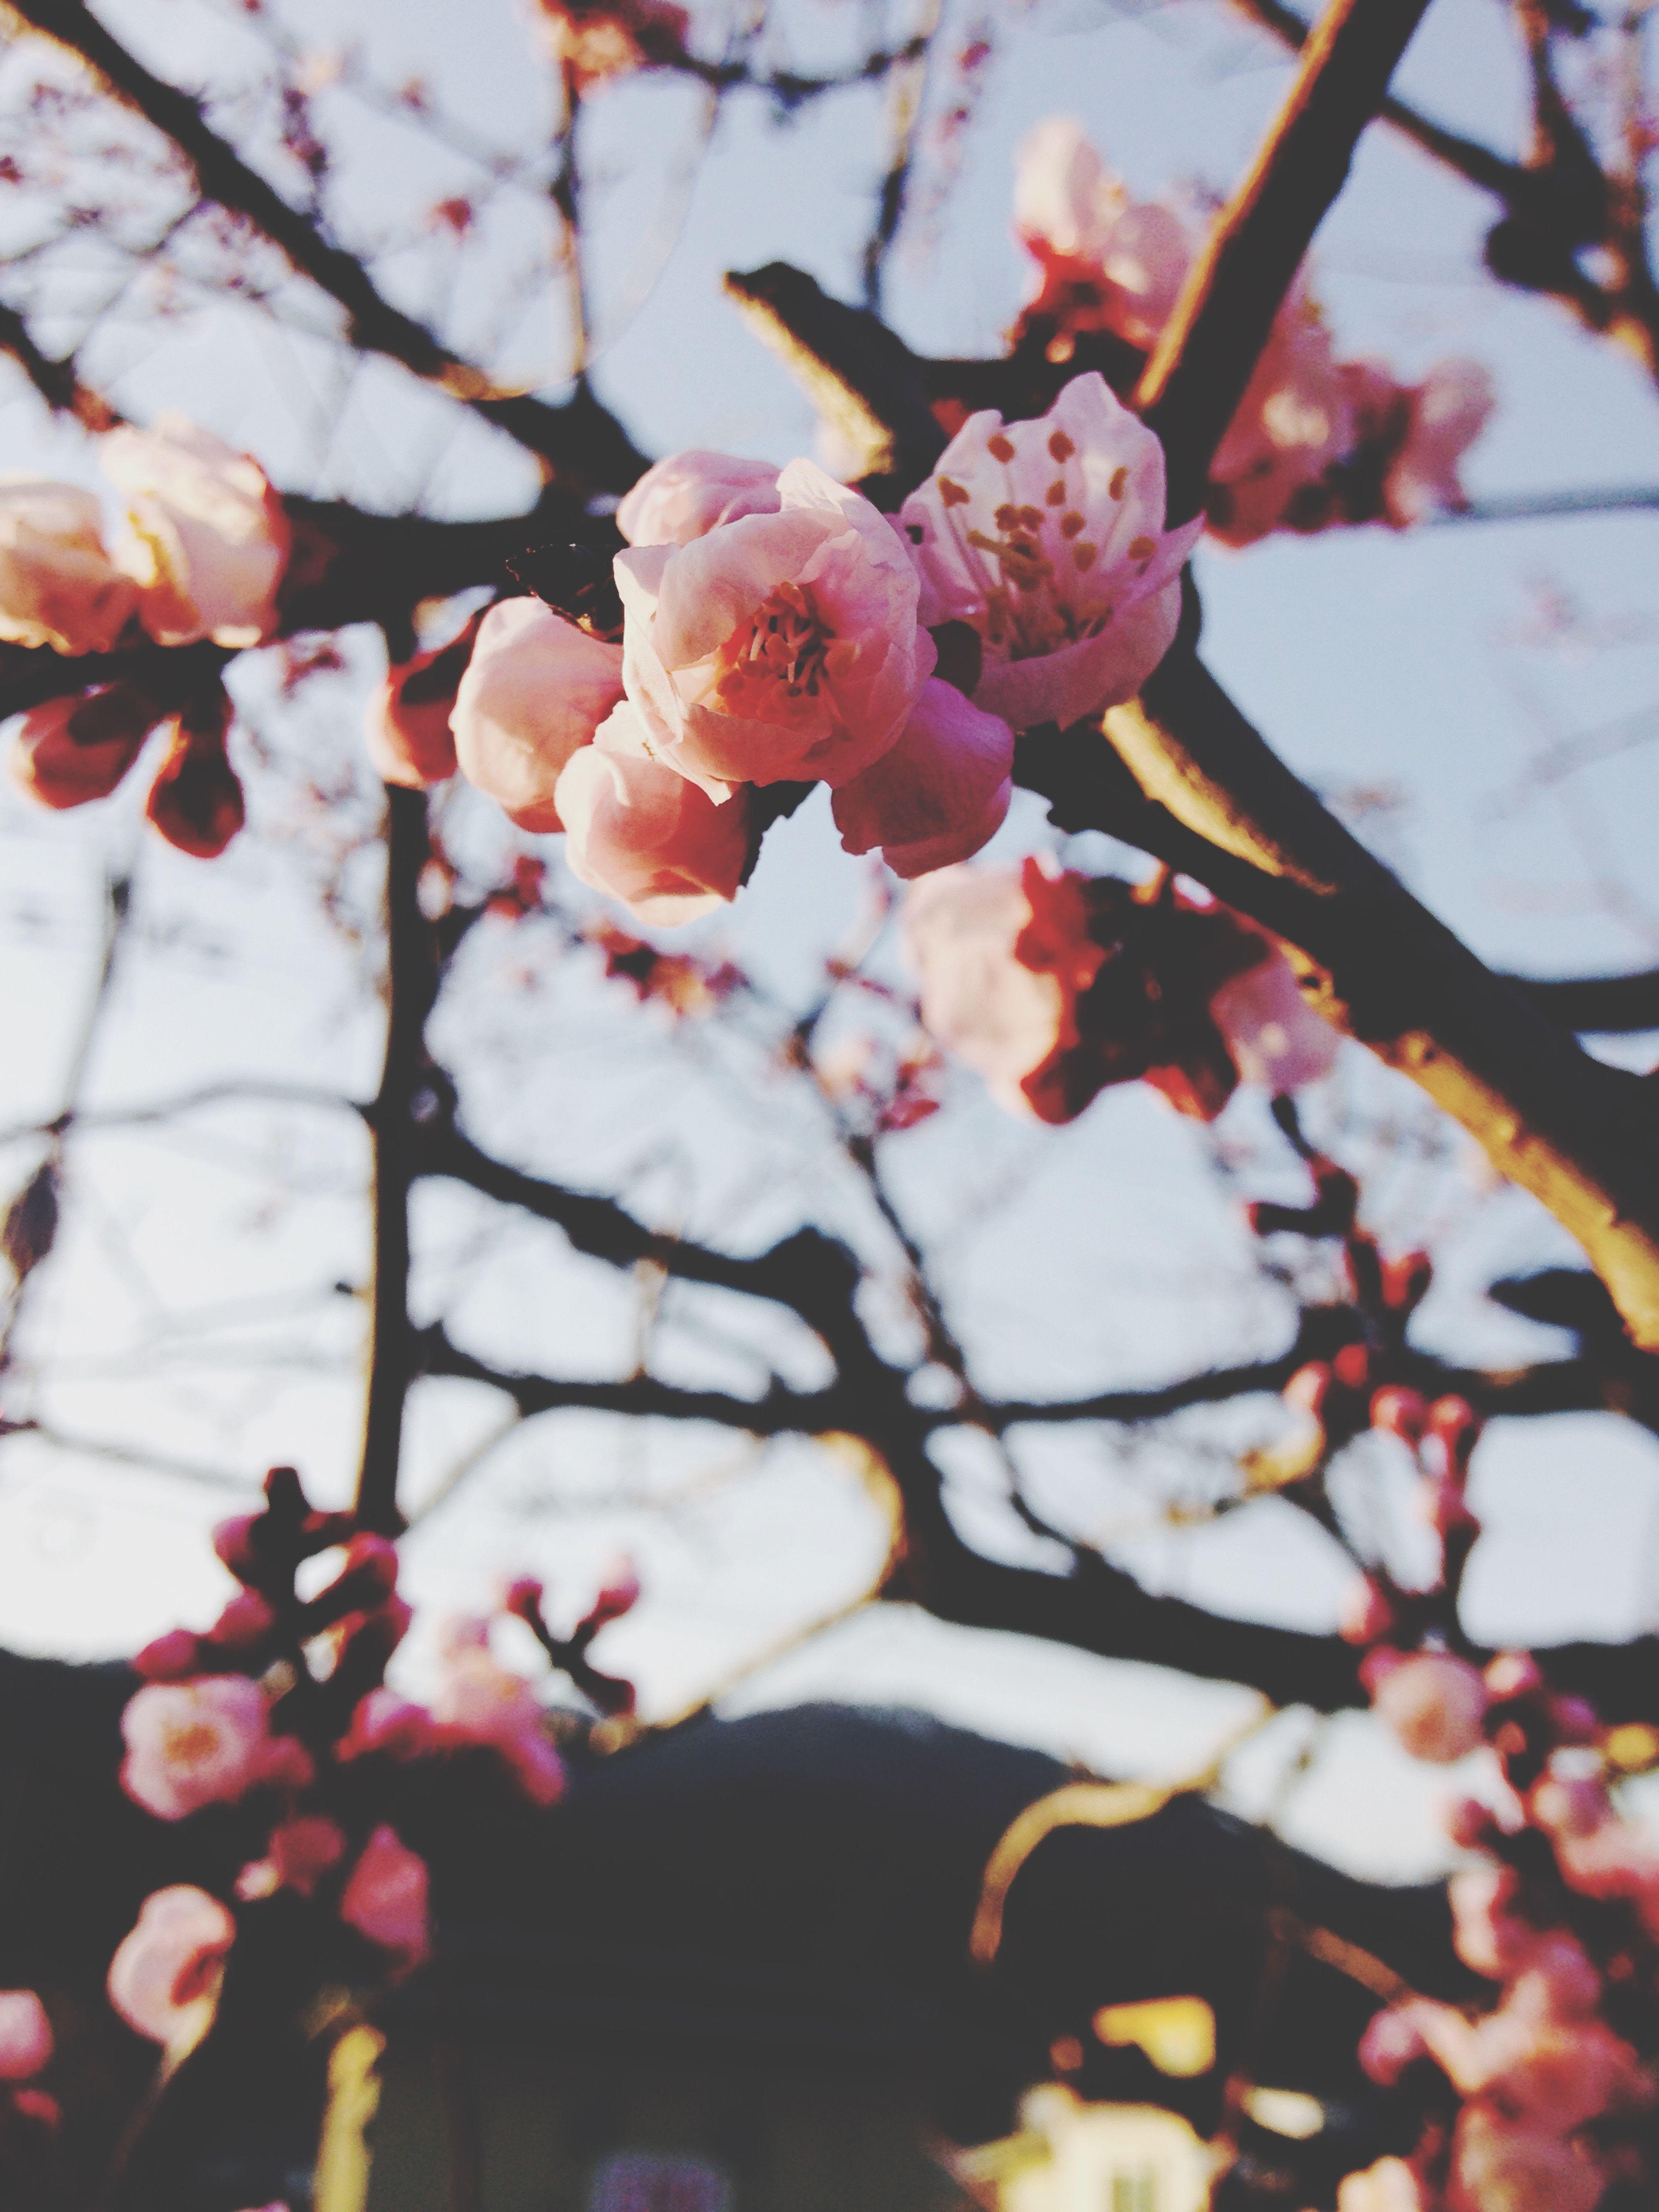 Iohone5 Flower Korea